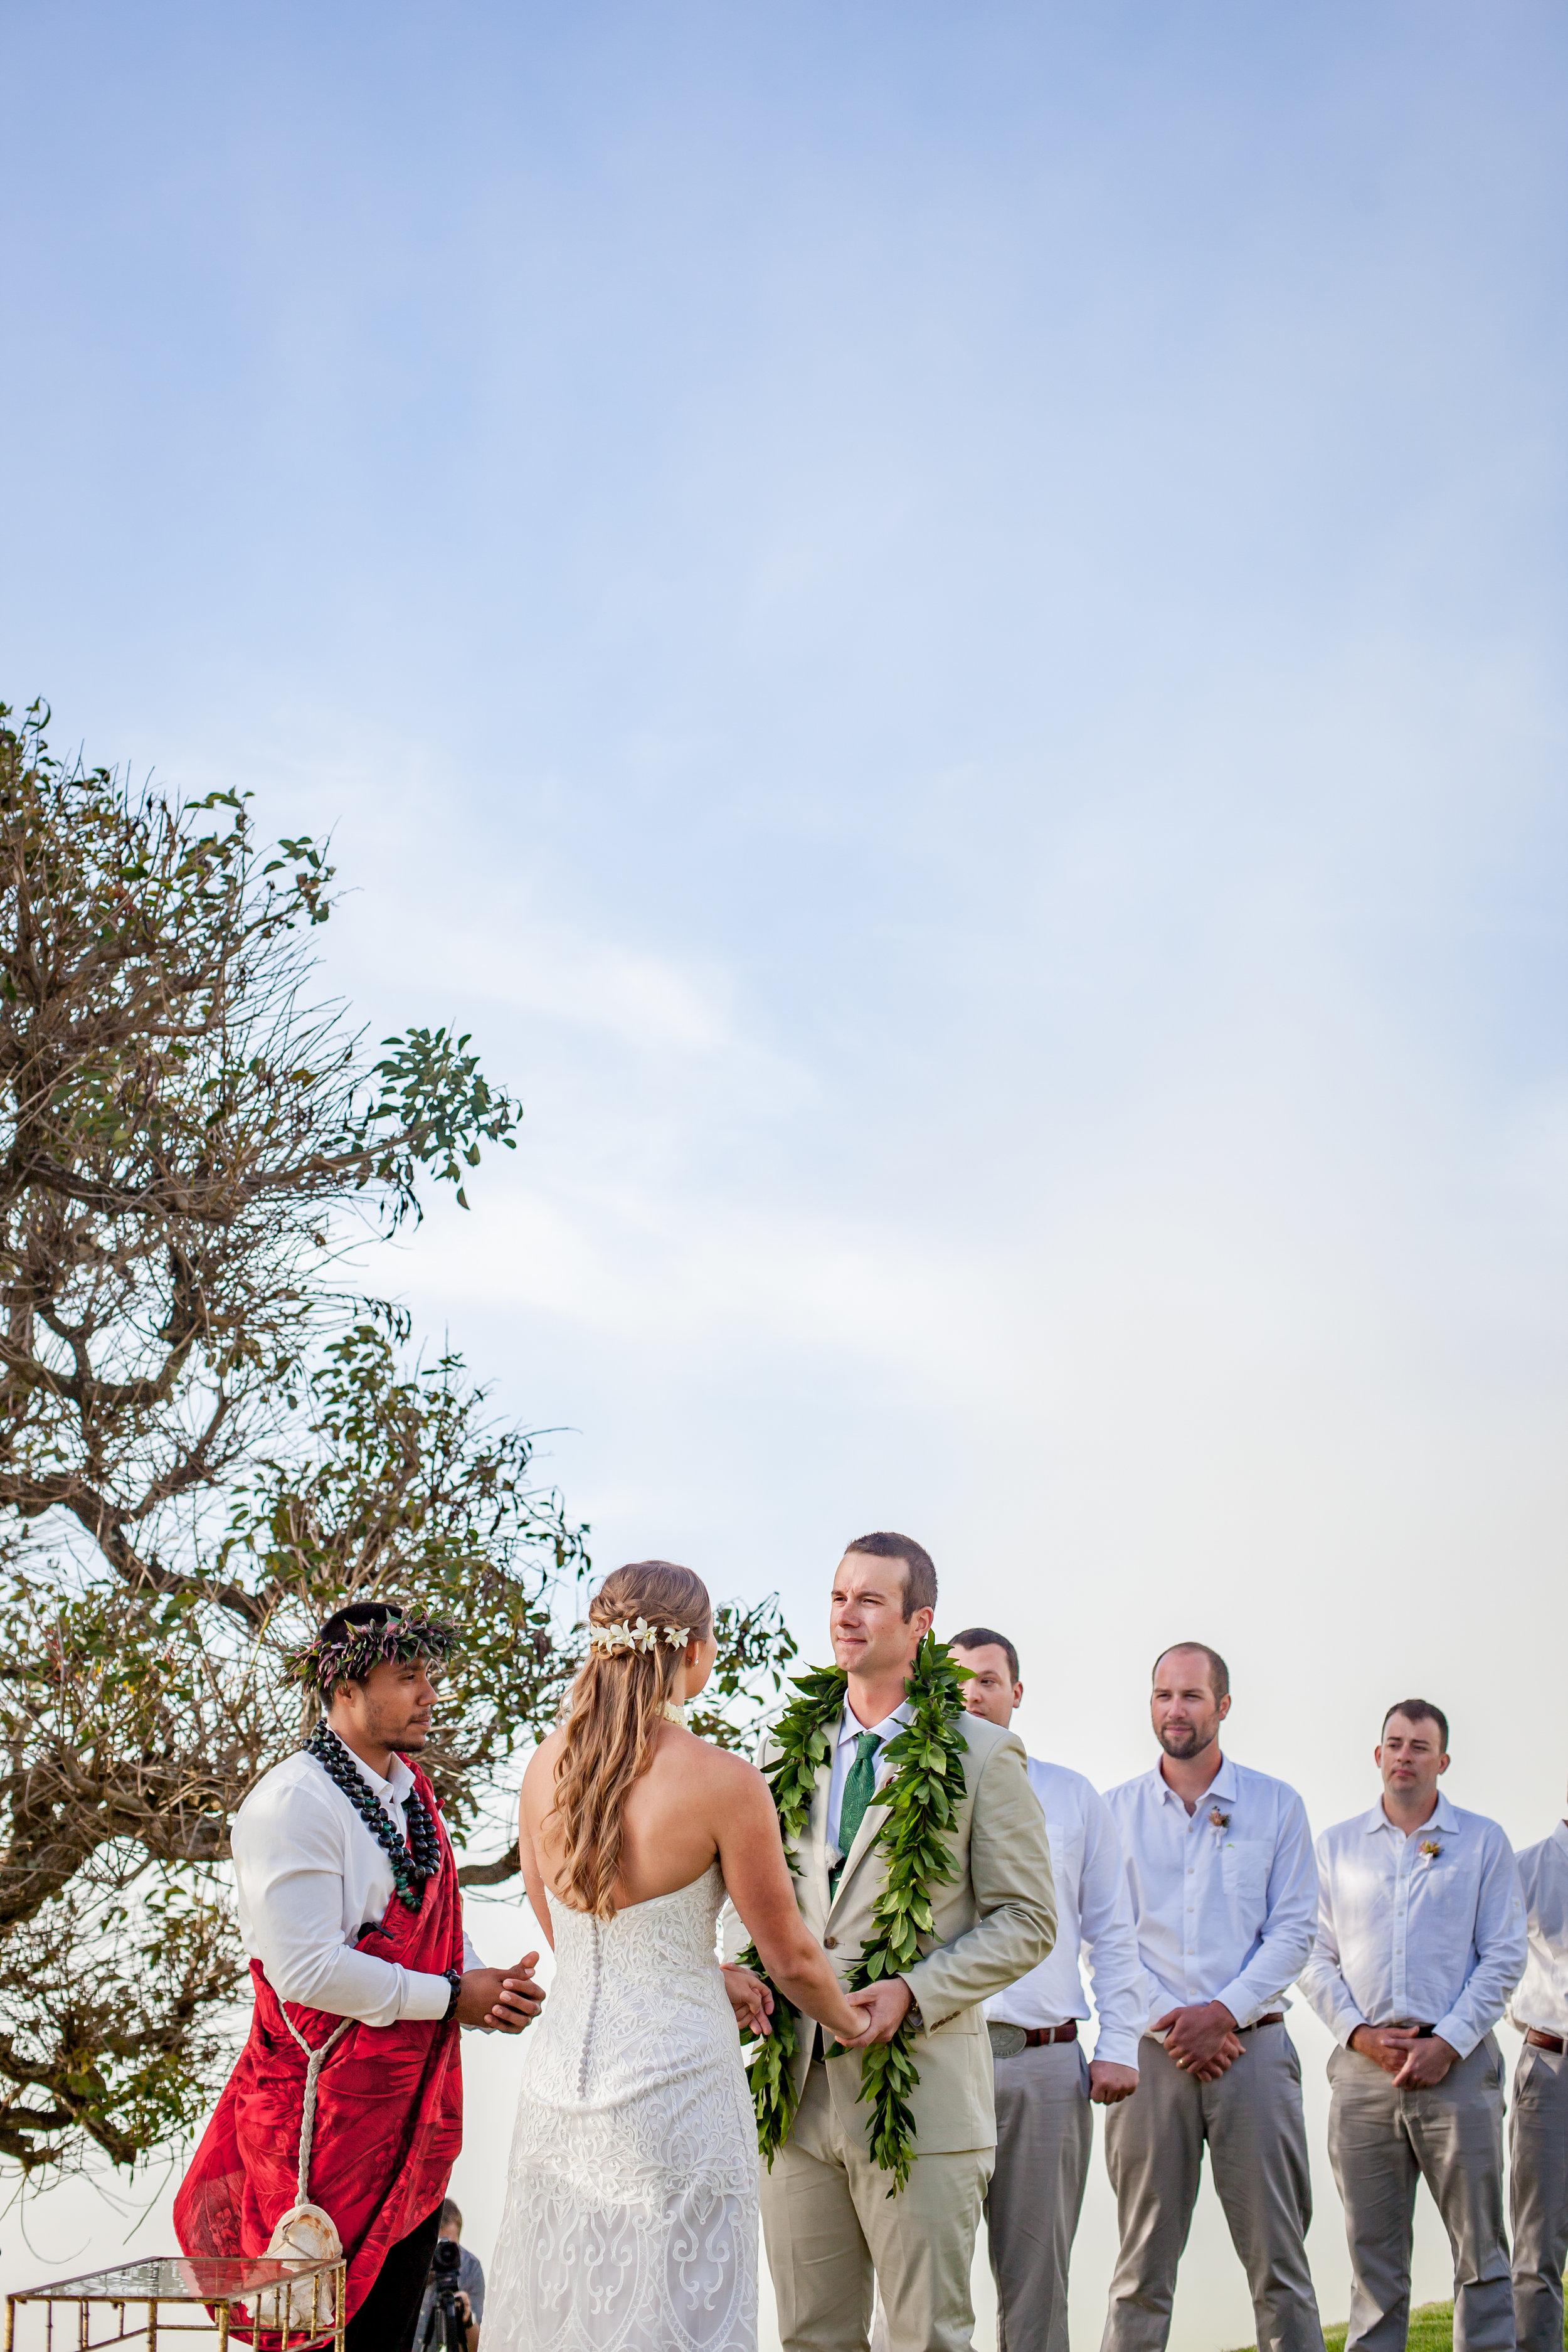 big island hawaii kahua ranch wedding © kelilina photography 20170106164905.jpg